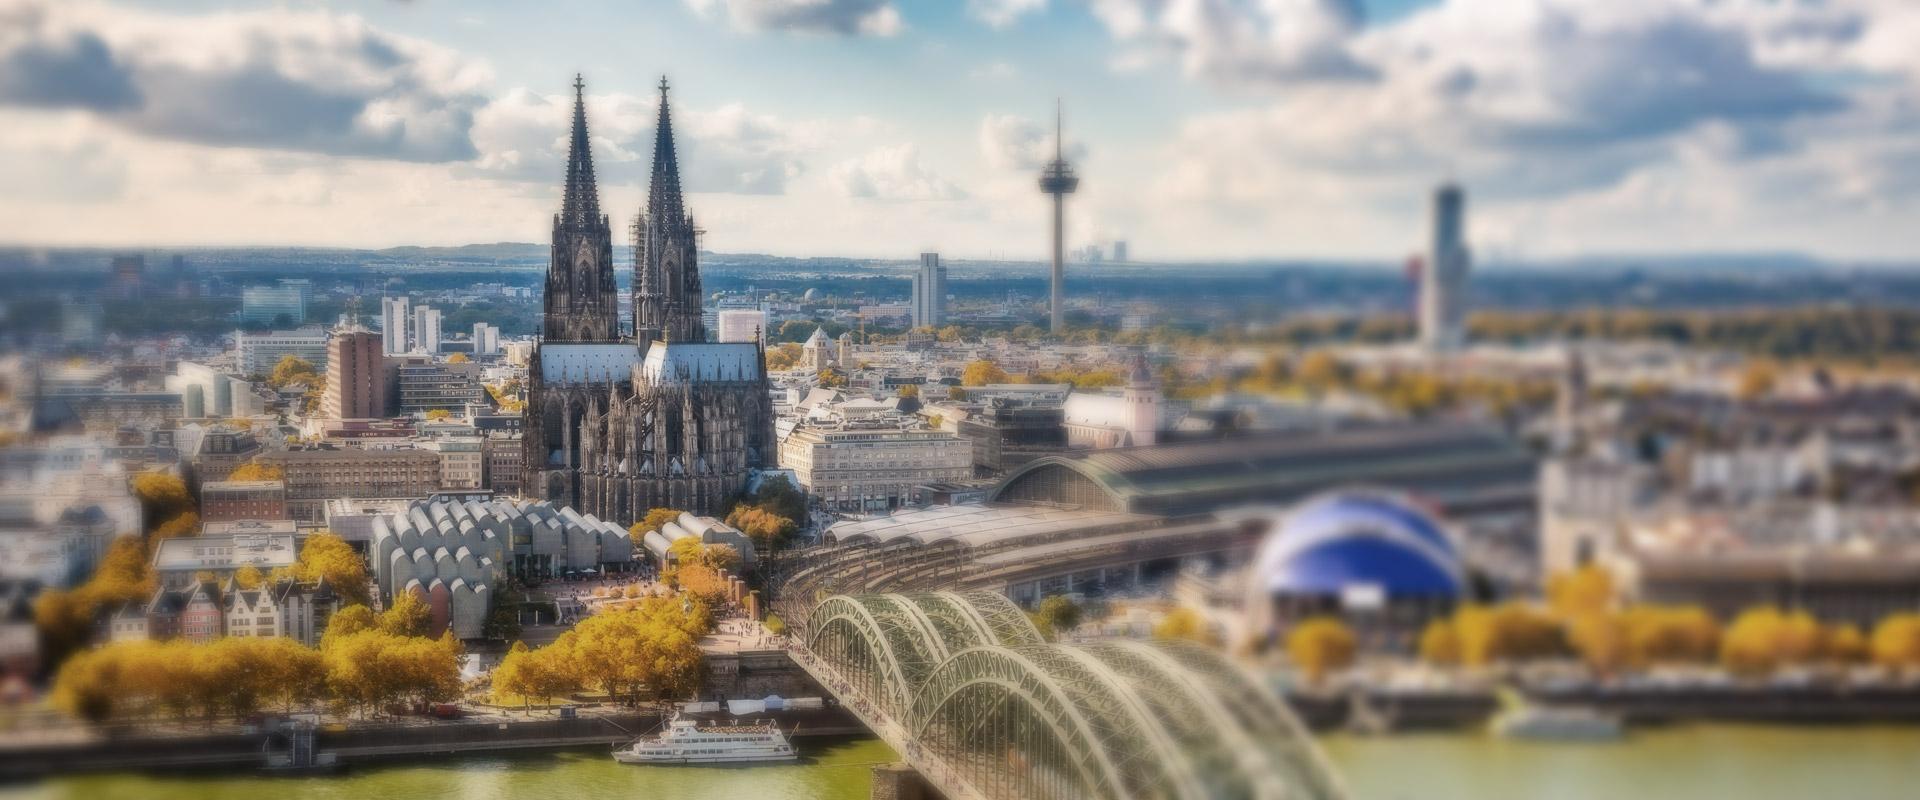 Ihr Steuerberater in Köln